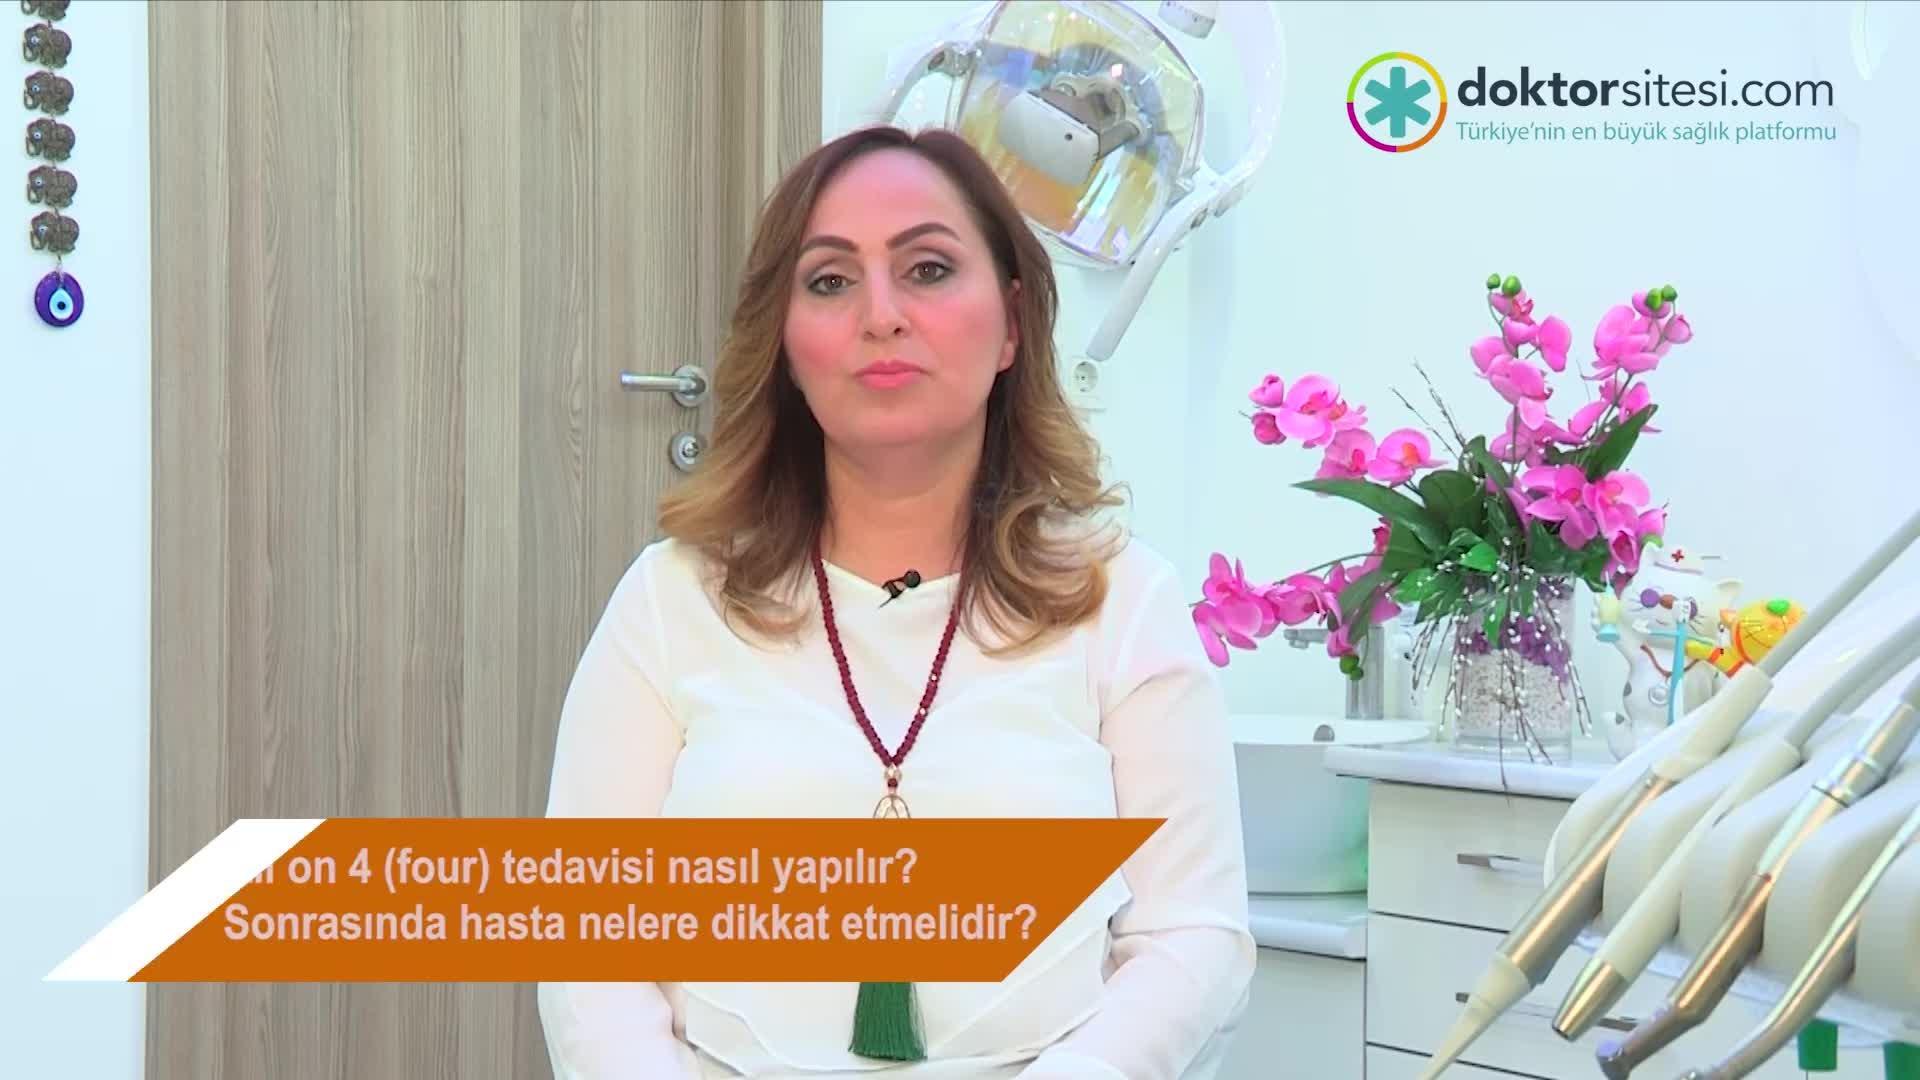 """All On 4 (four) tedavisi nasıl yapılır? Sonrasında hasta nelere dikkat etmelidir? """"Dt. Binnur  TOYSAL YIĞITBAŞI"""""""